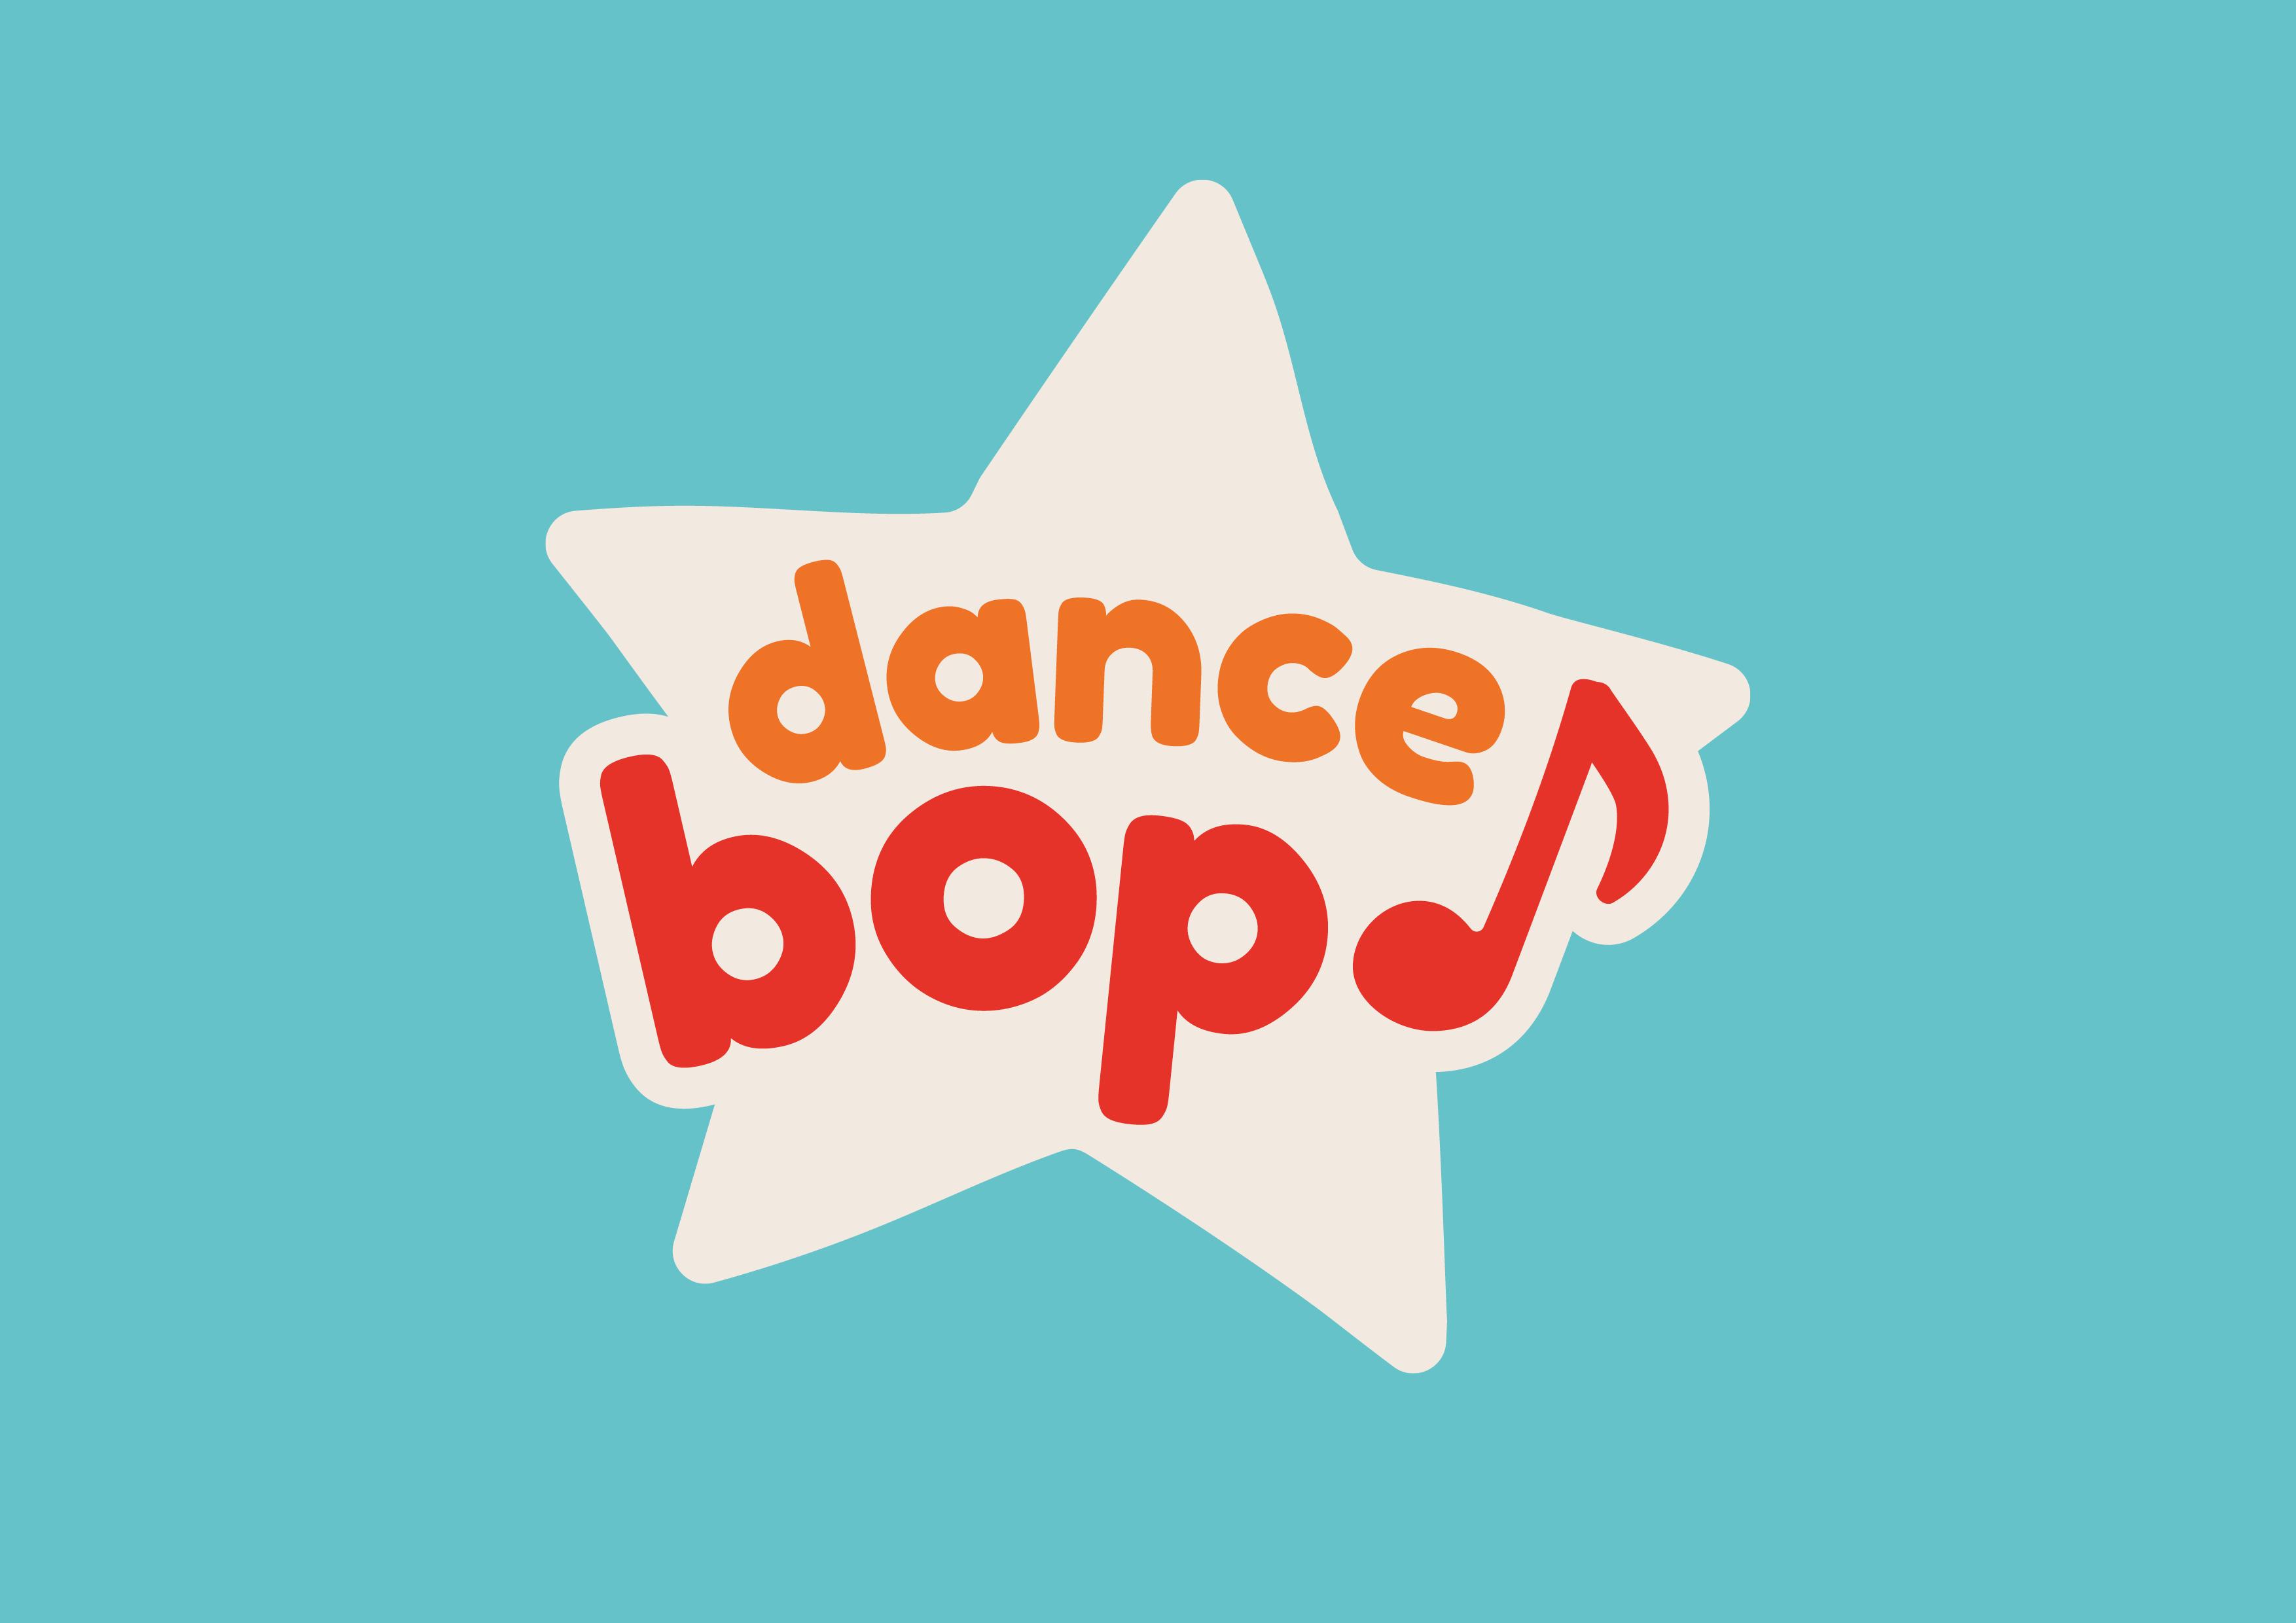 DanceBop! Branding